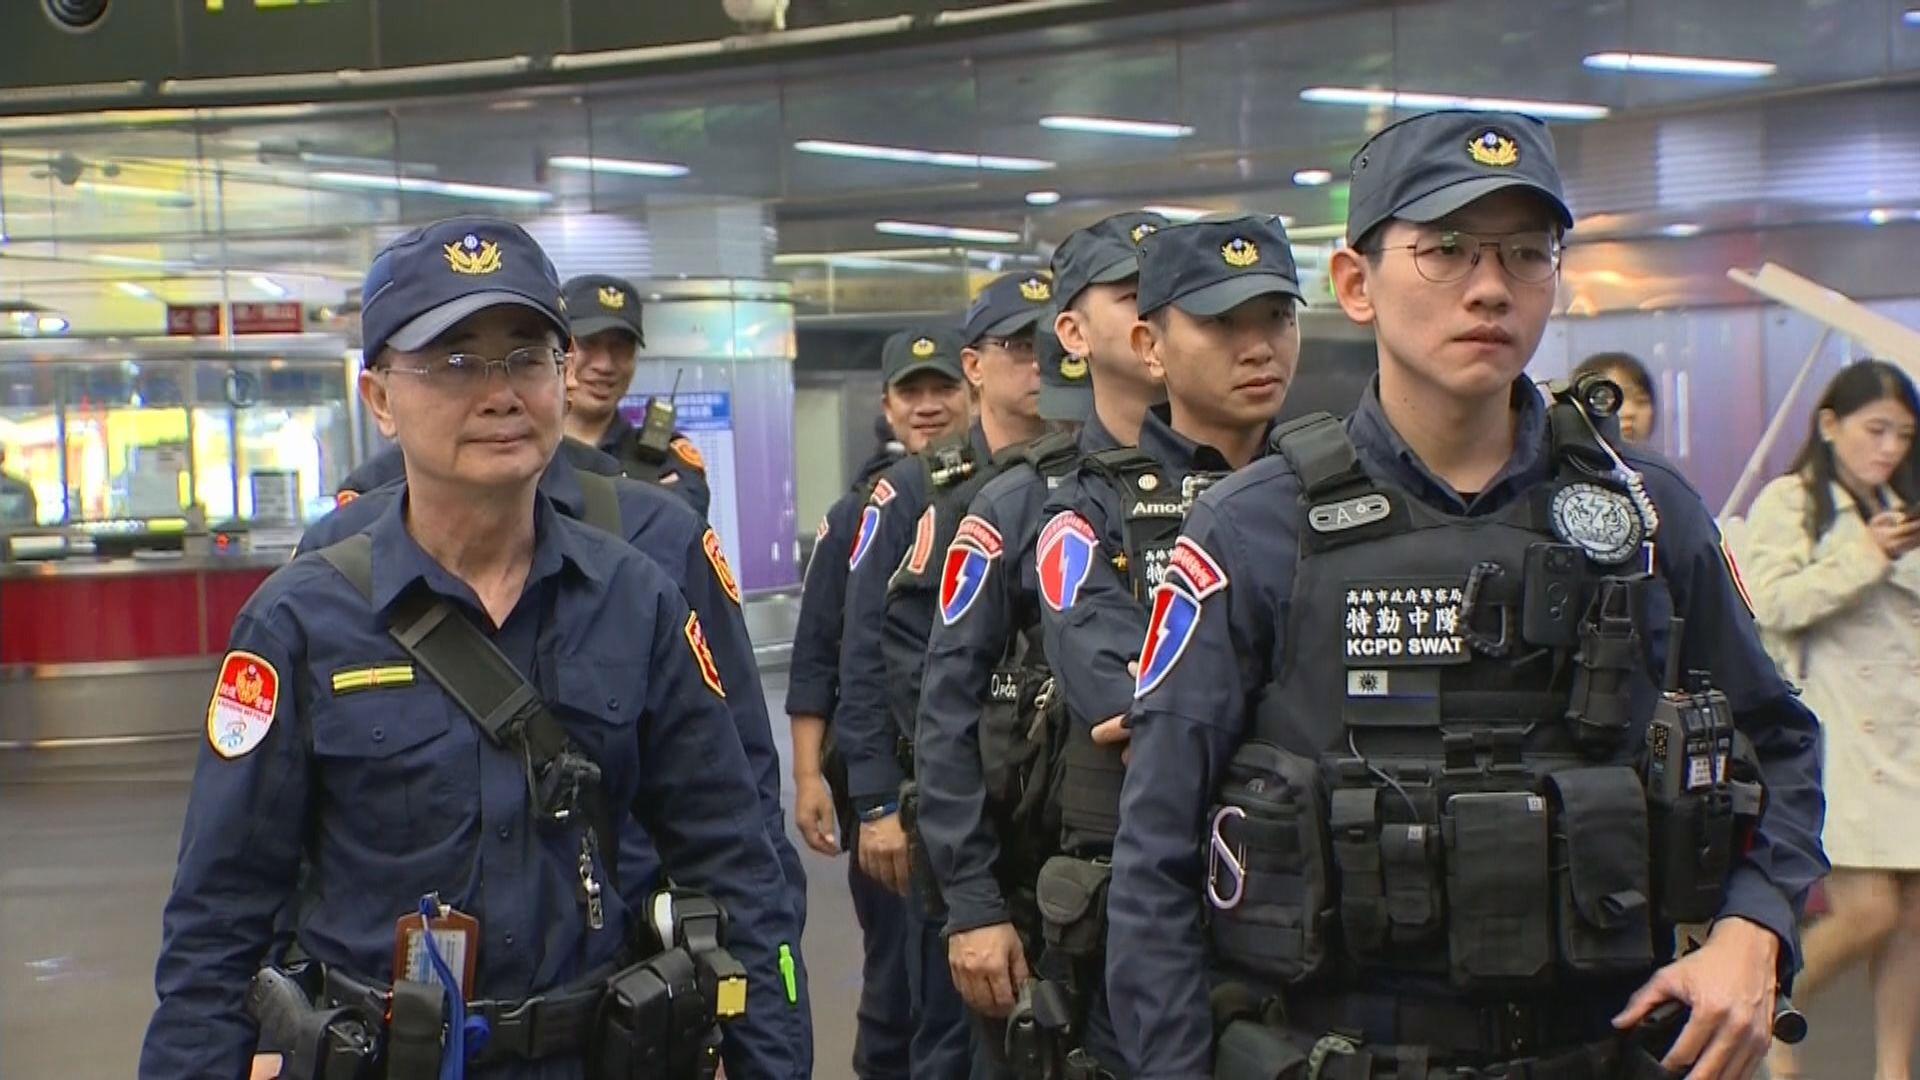 挺罷韓國瑜遊行高雄舉行 當局加強戒備